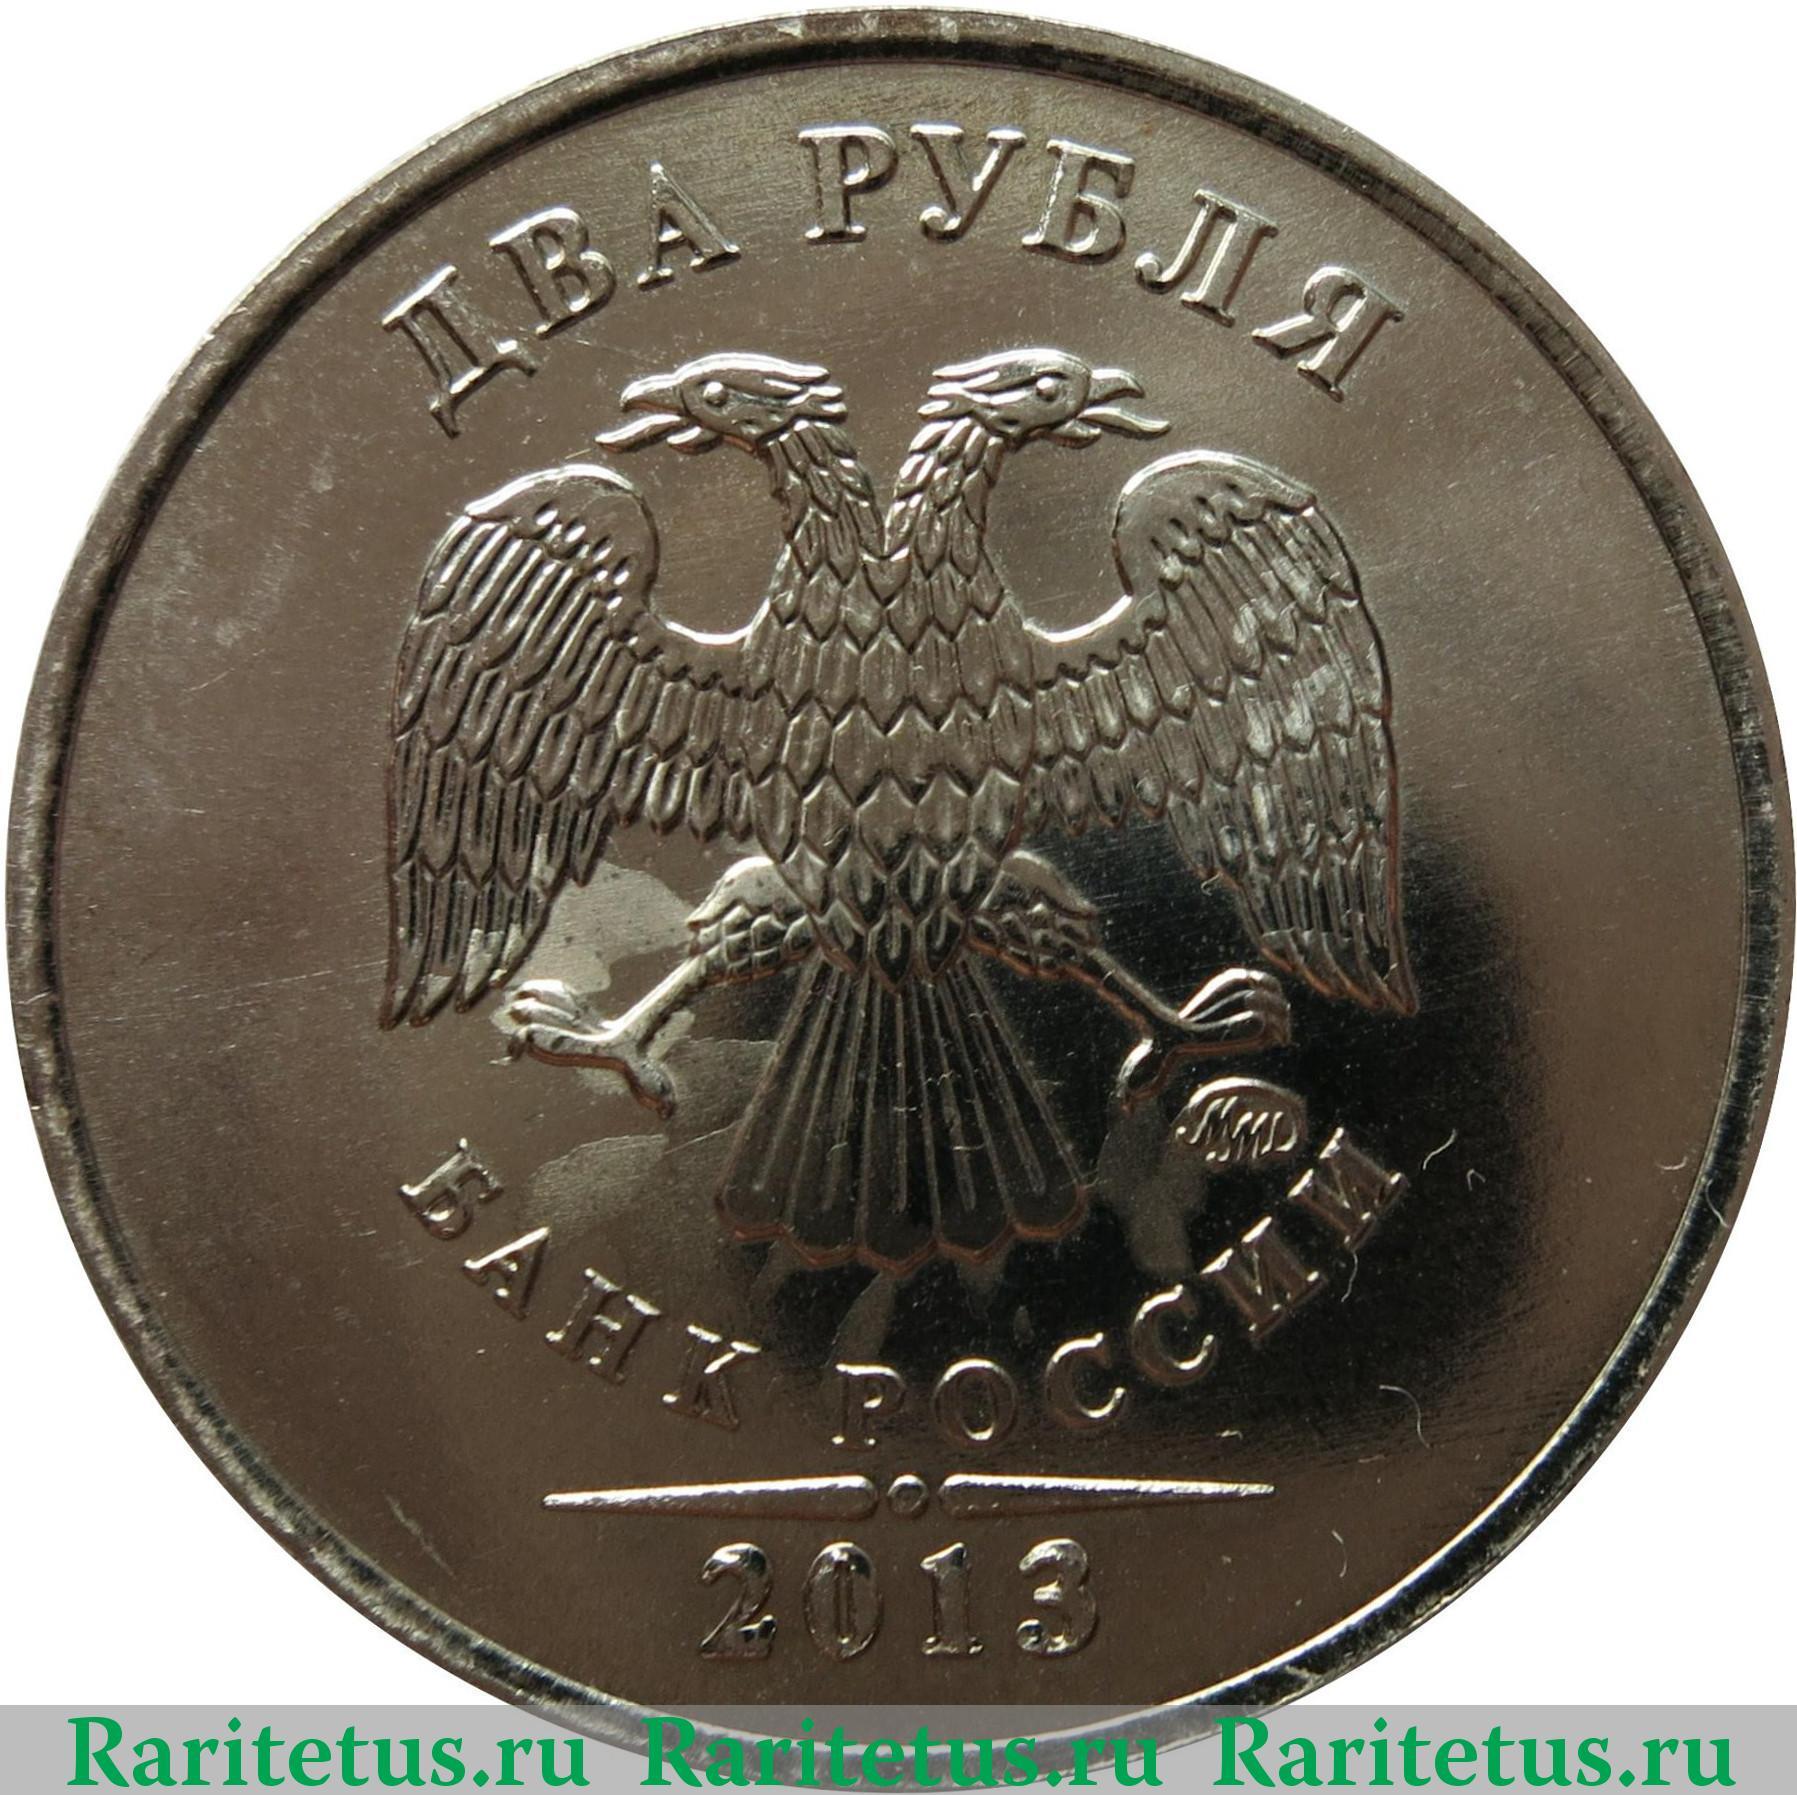 Цена монеты 2 рубля 2013 50 центов это сколько рублей